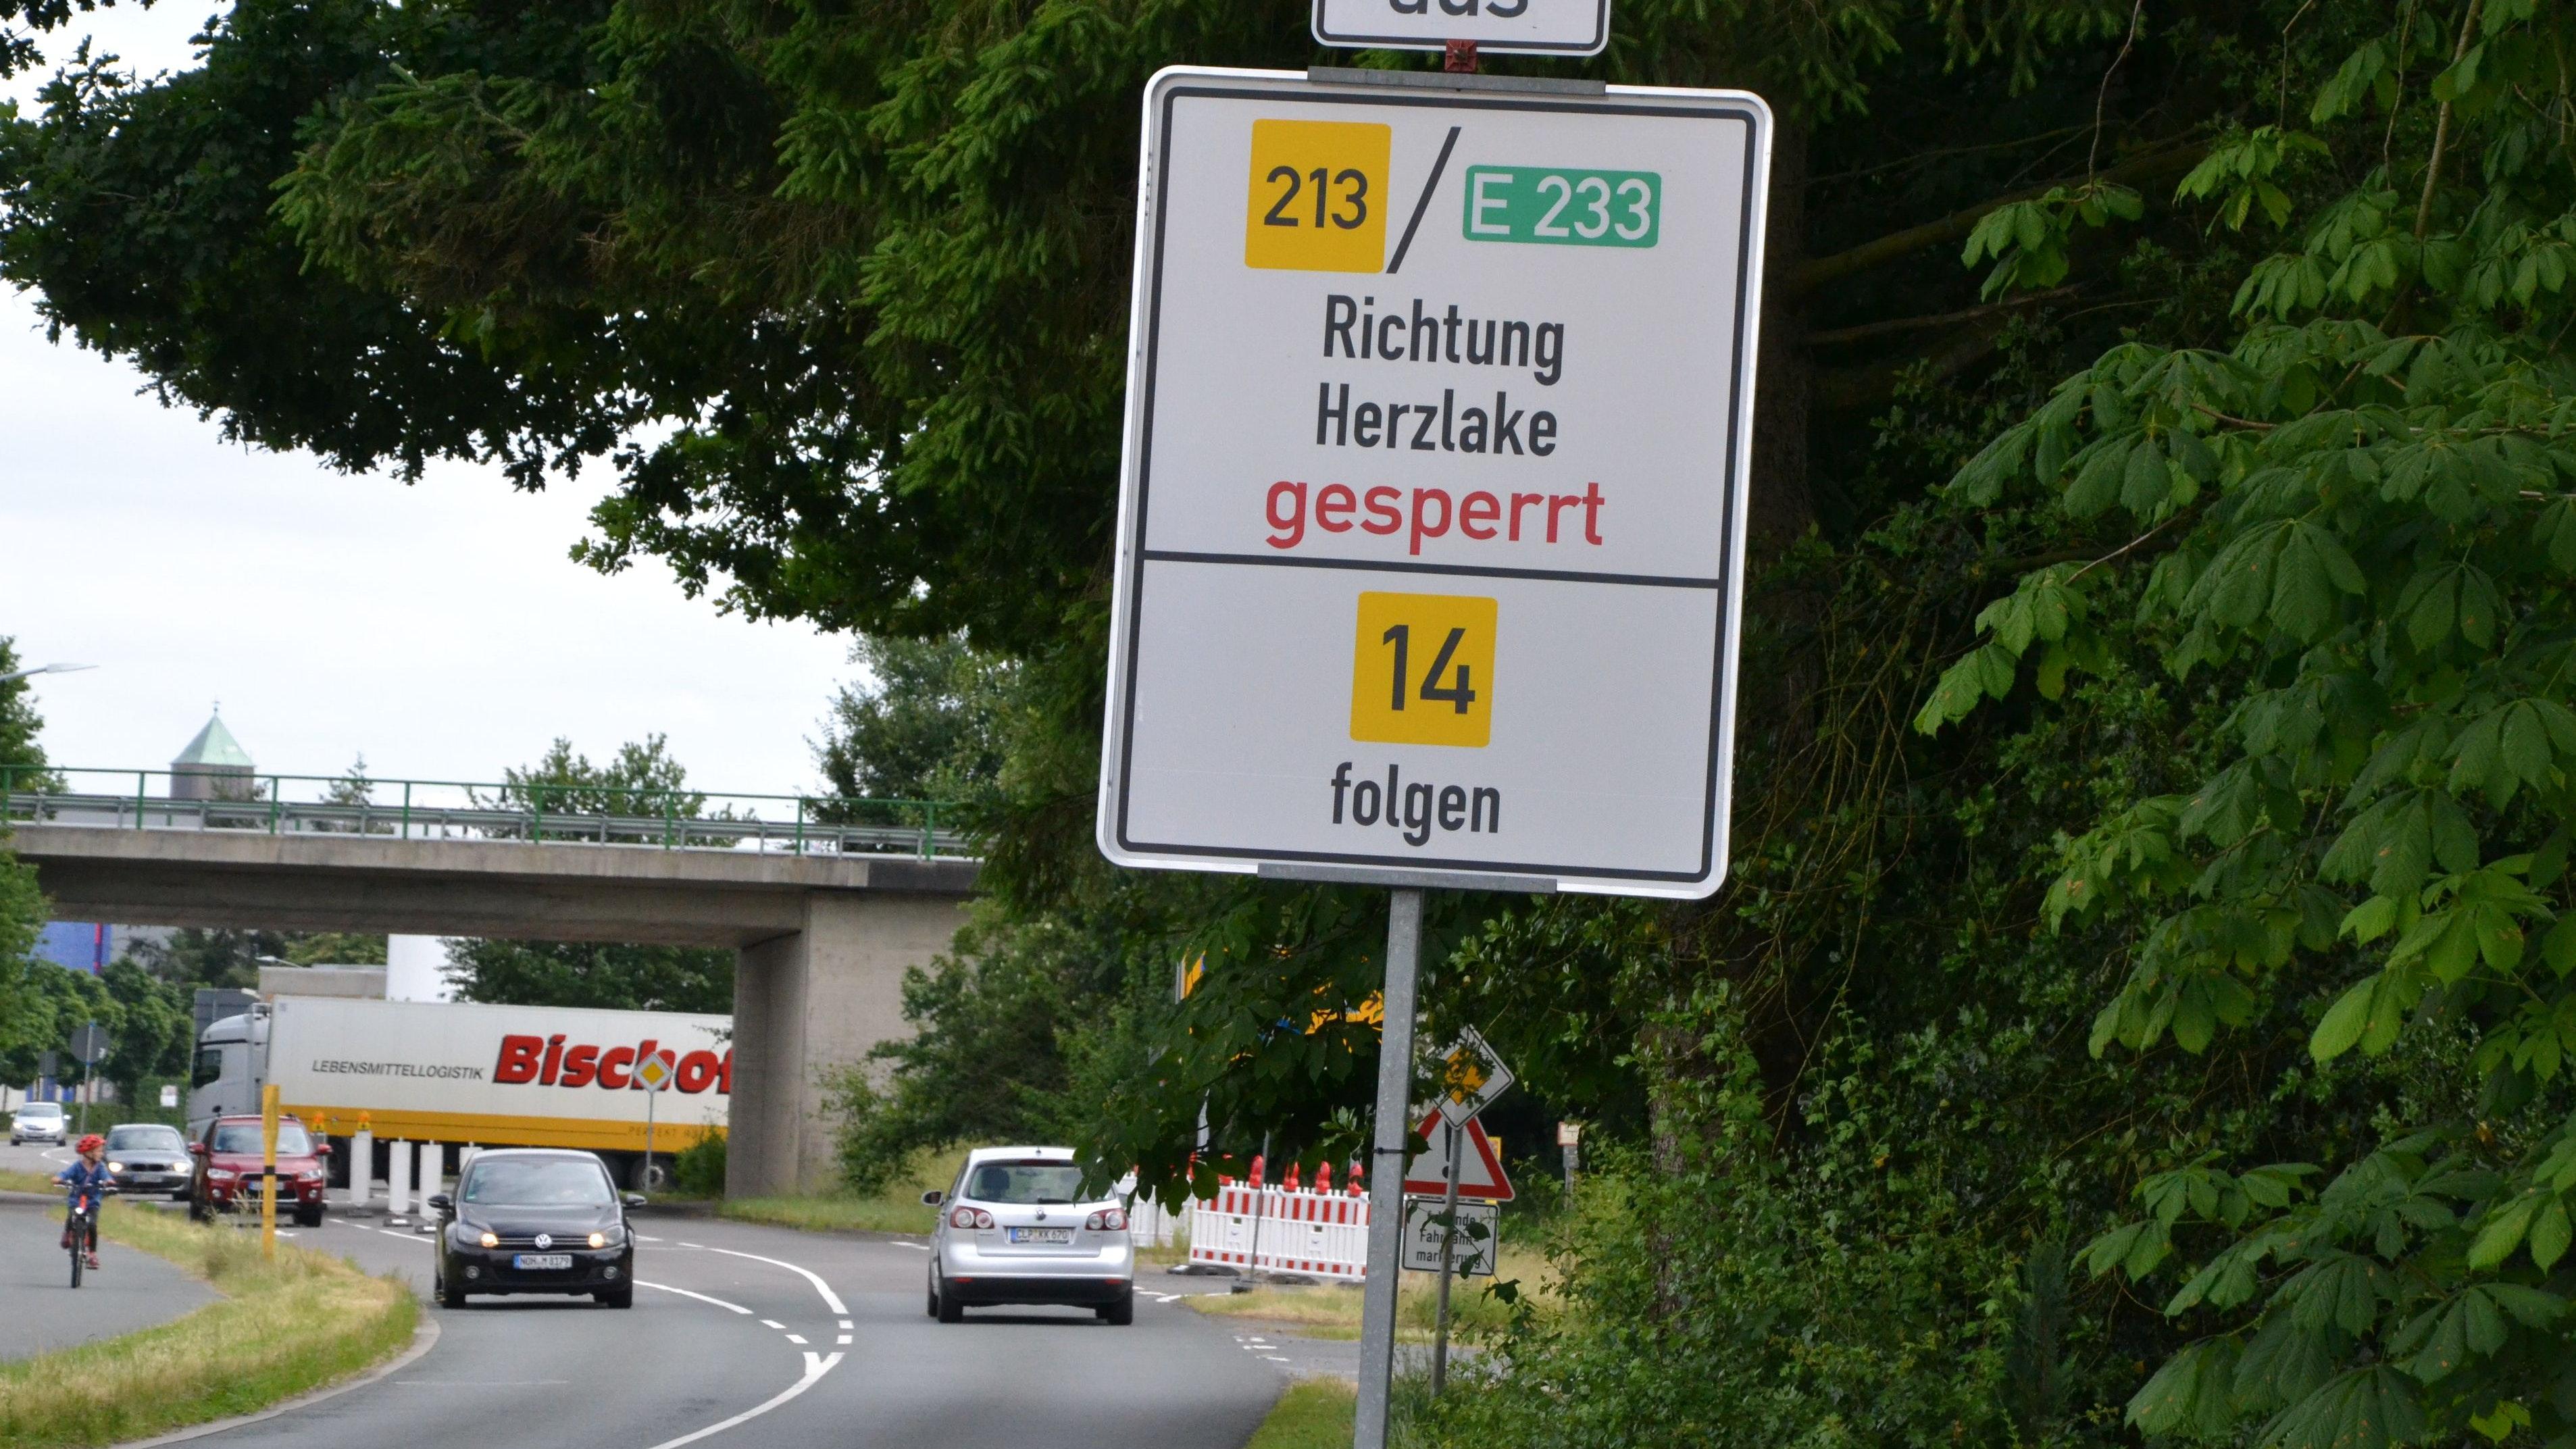 Umleitung beachten: Die B213 ist zurzeit ab Löningen nicht befahrbar. Foto: G. Meyer